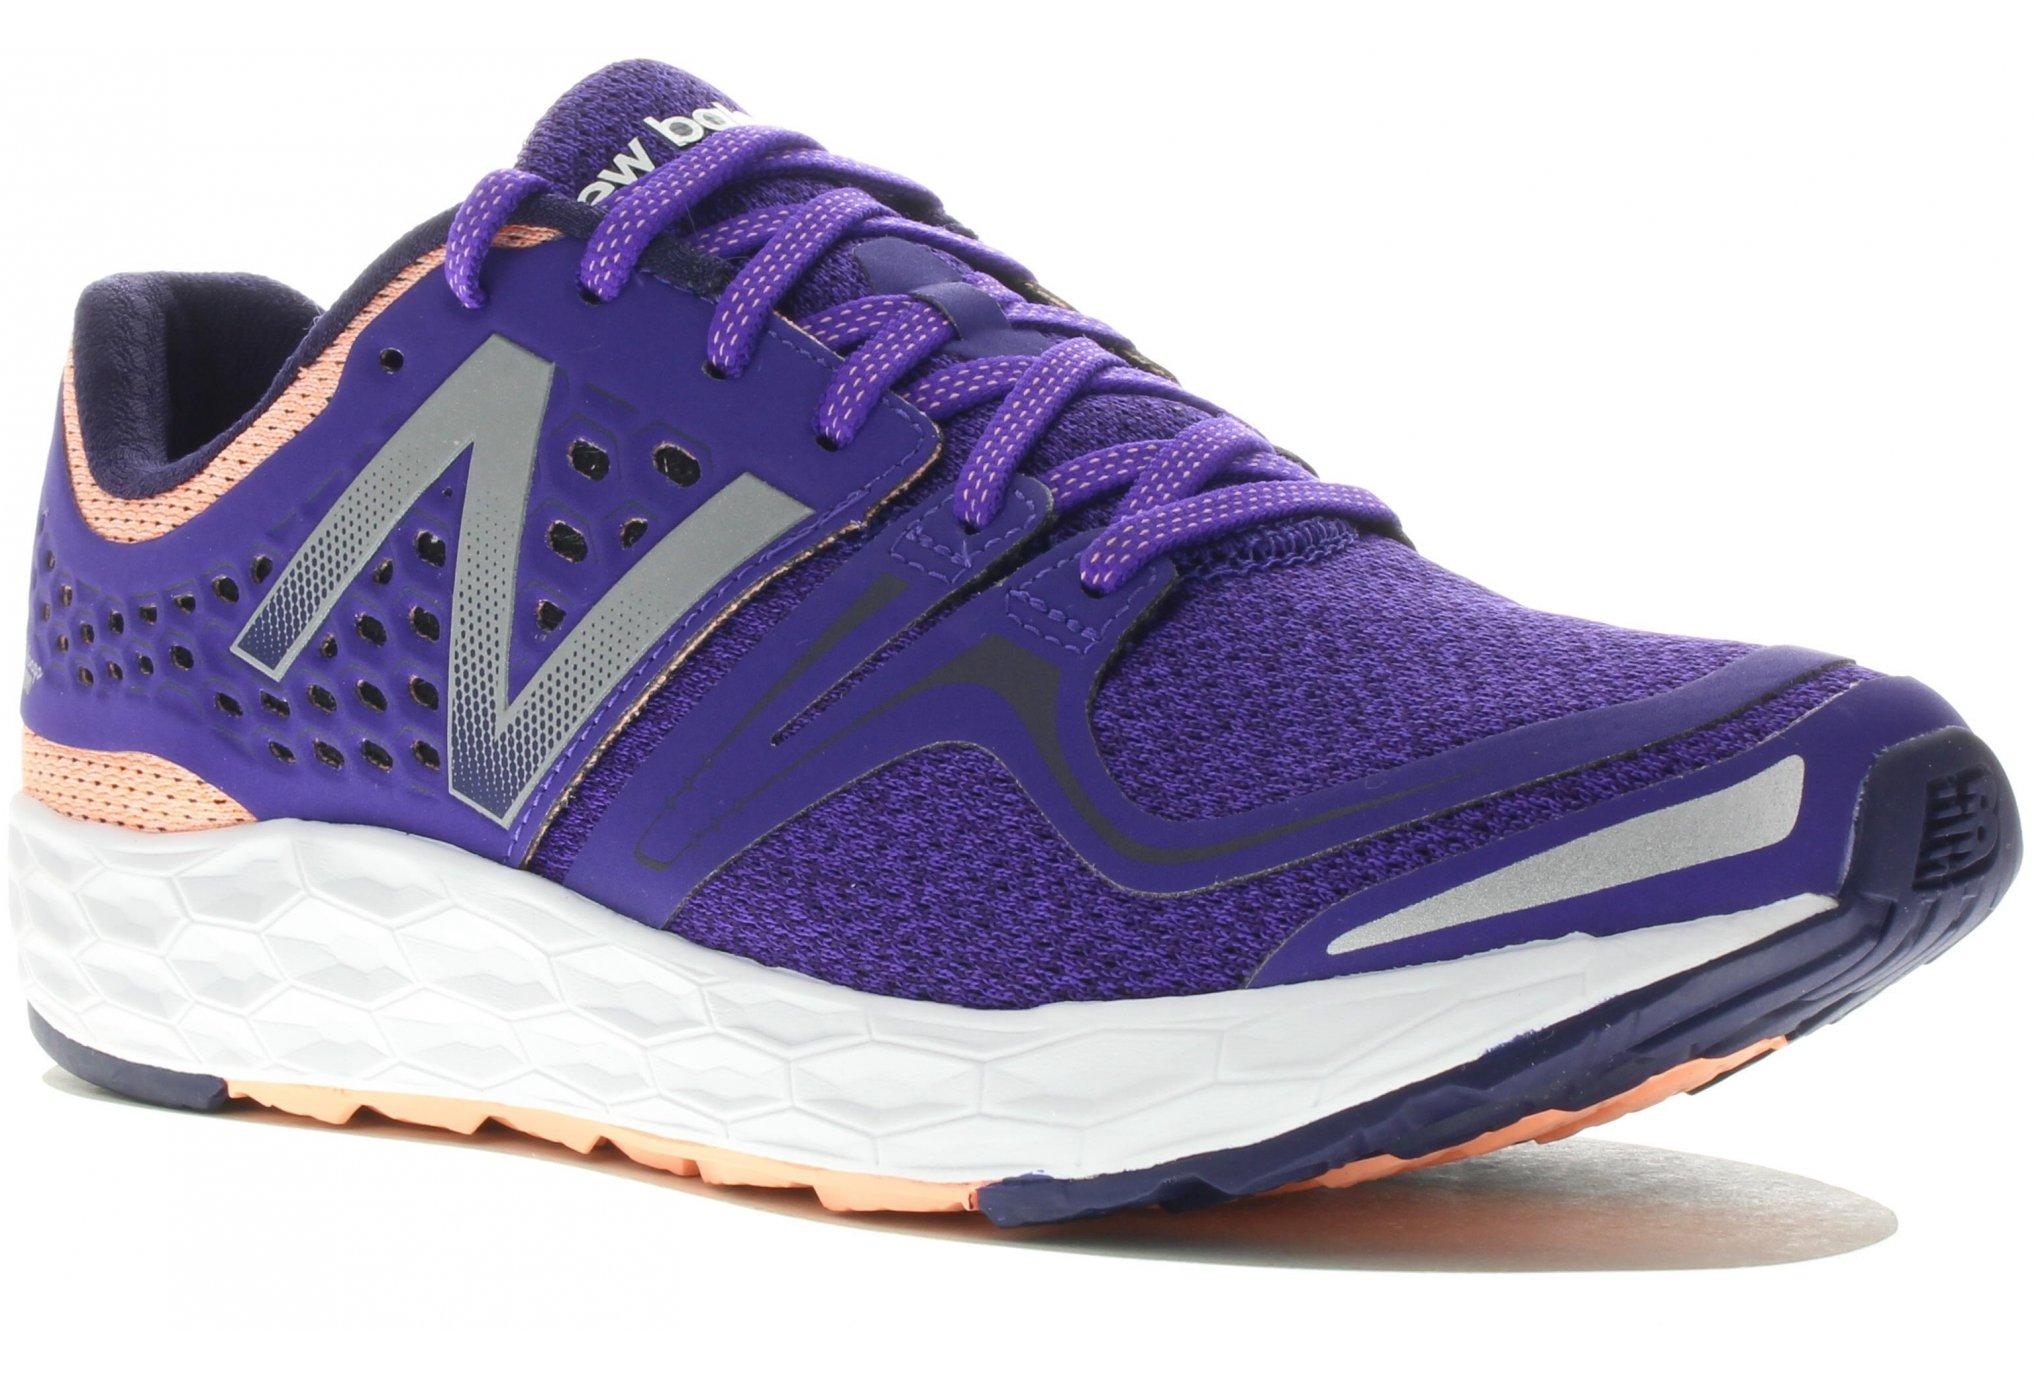 New Balance Fresh Foam Vongo W - B Chaussures running femme